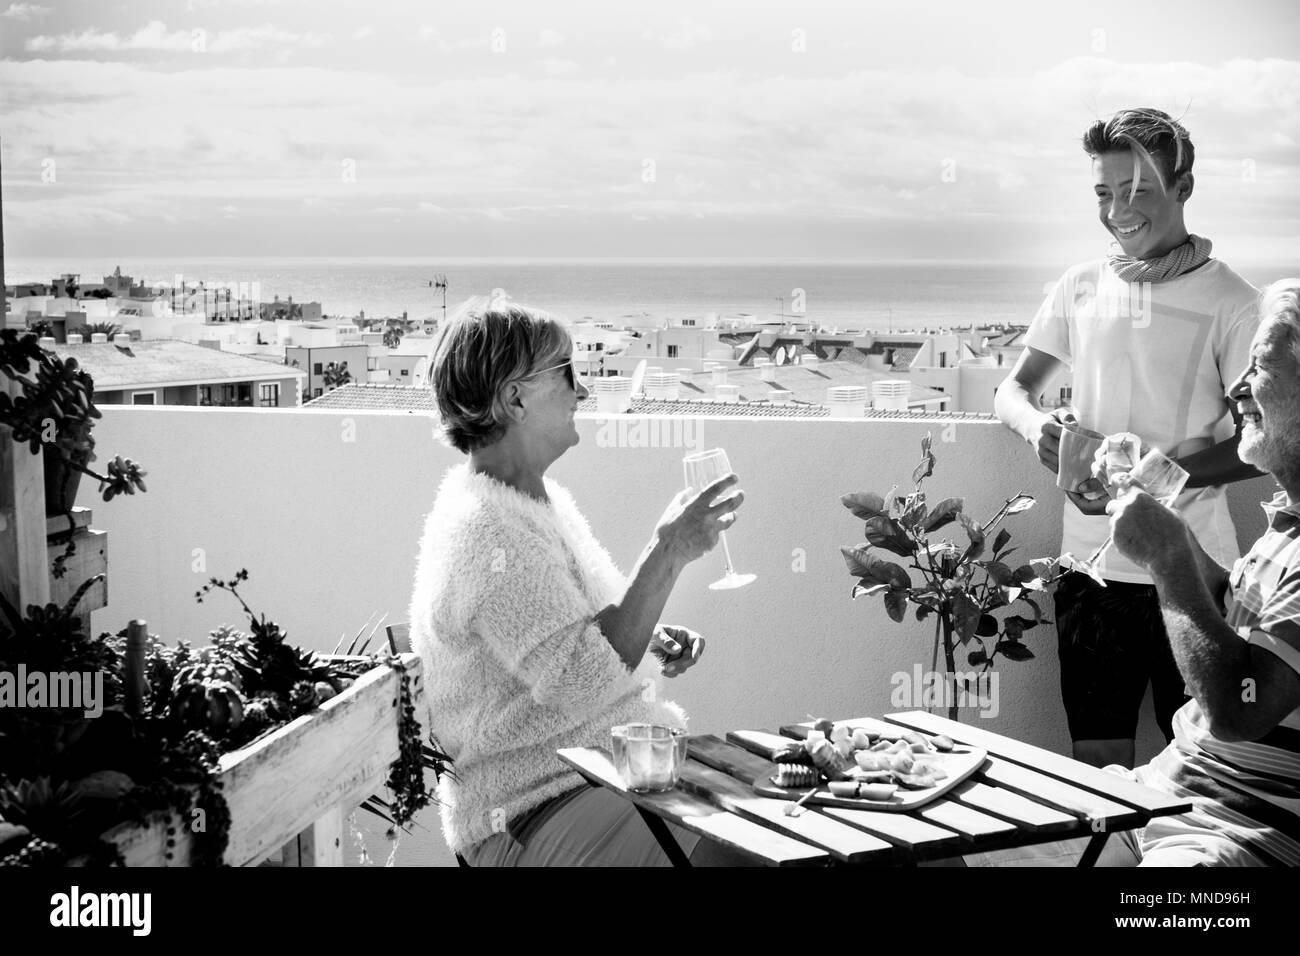 Grands-pères et neveu blonde jeunes restent sur la terrasse boire et manger de la nourriture sur la table. incroyable vue sur l'océan et un ciel clair pour le noir et blanc je Photo Stock